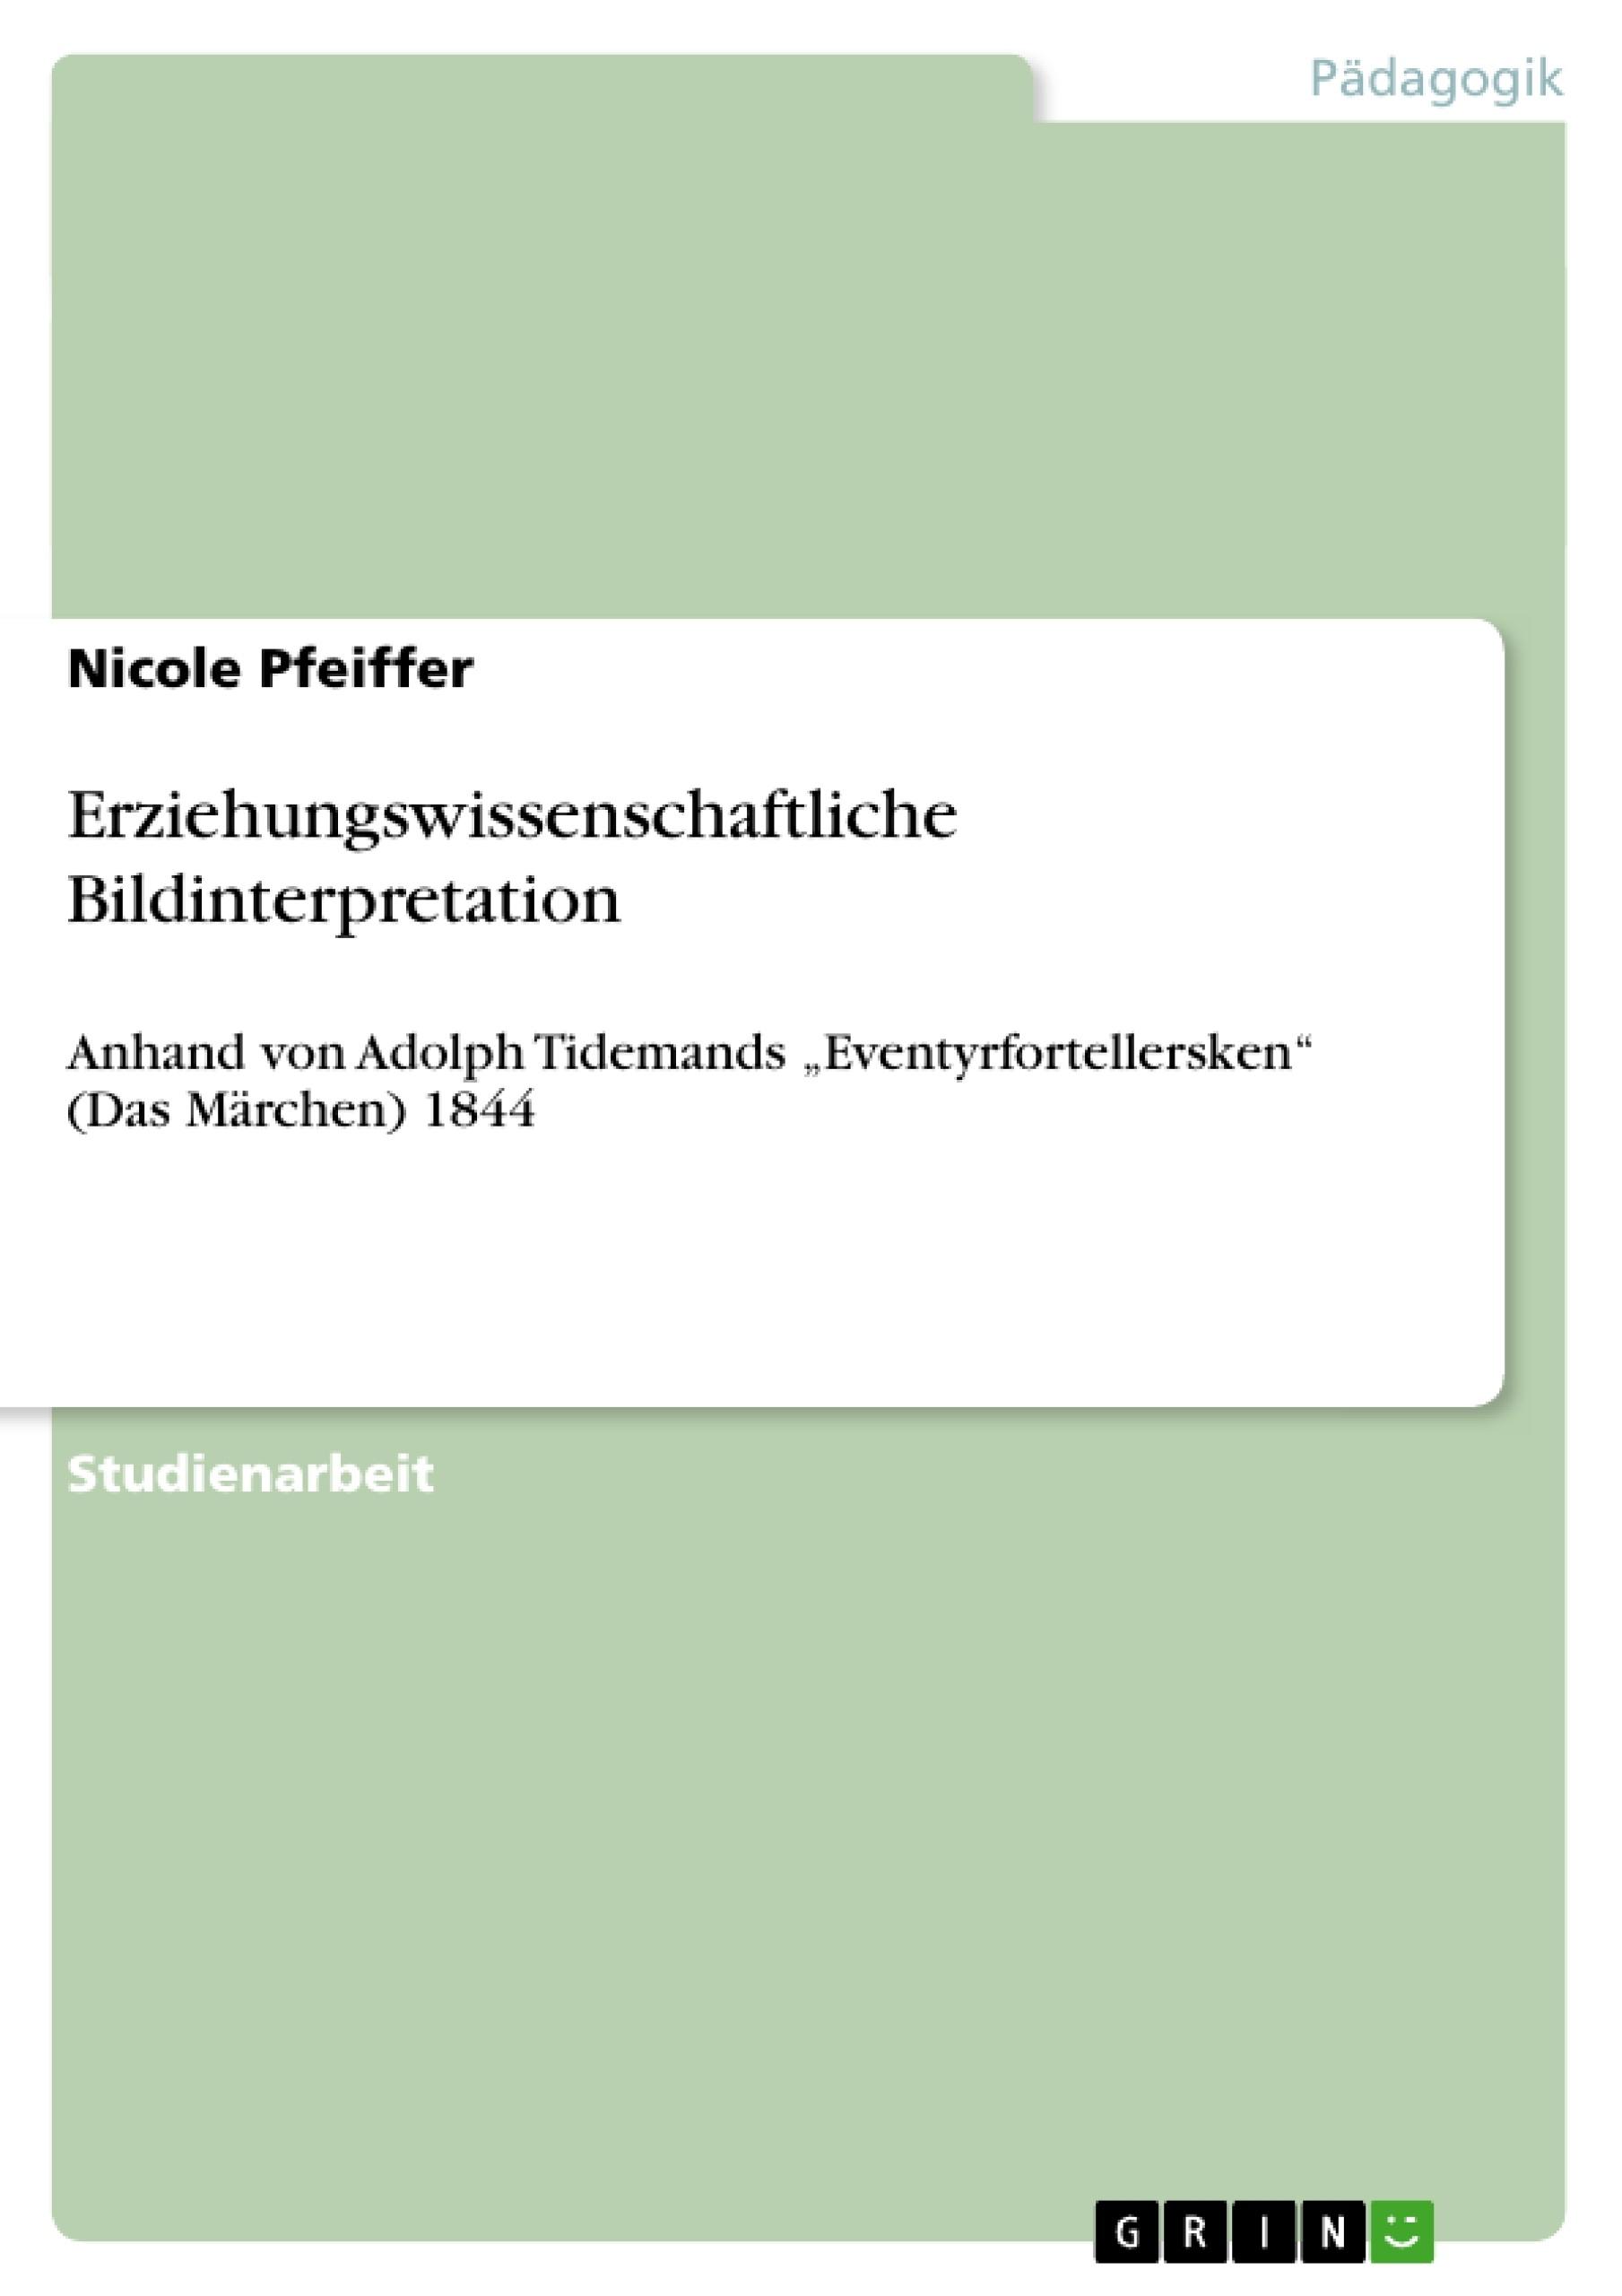 Titel: Erziehungswissenschaftliche Bildinterpretation